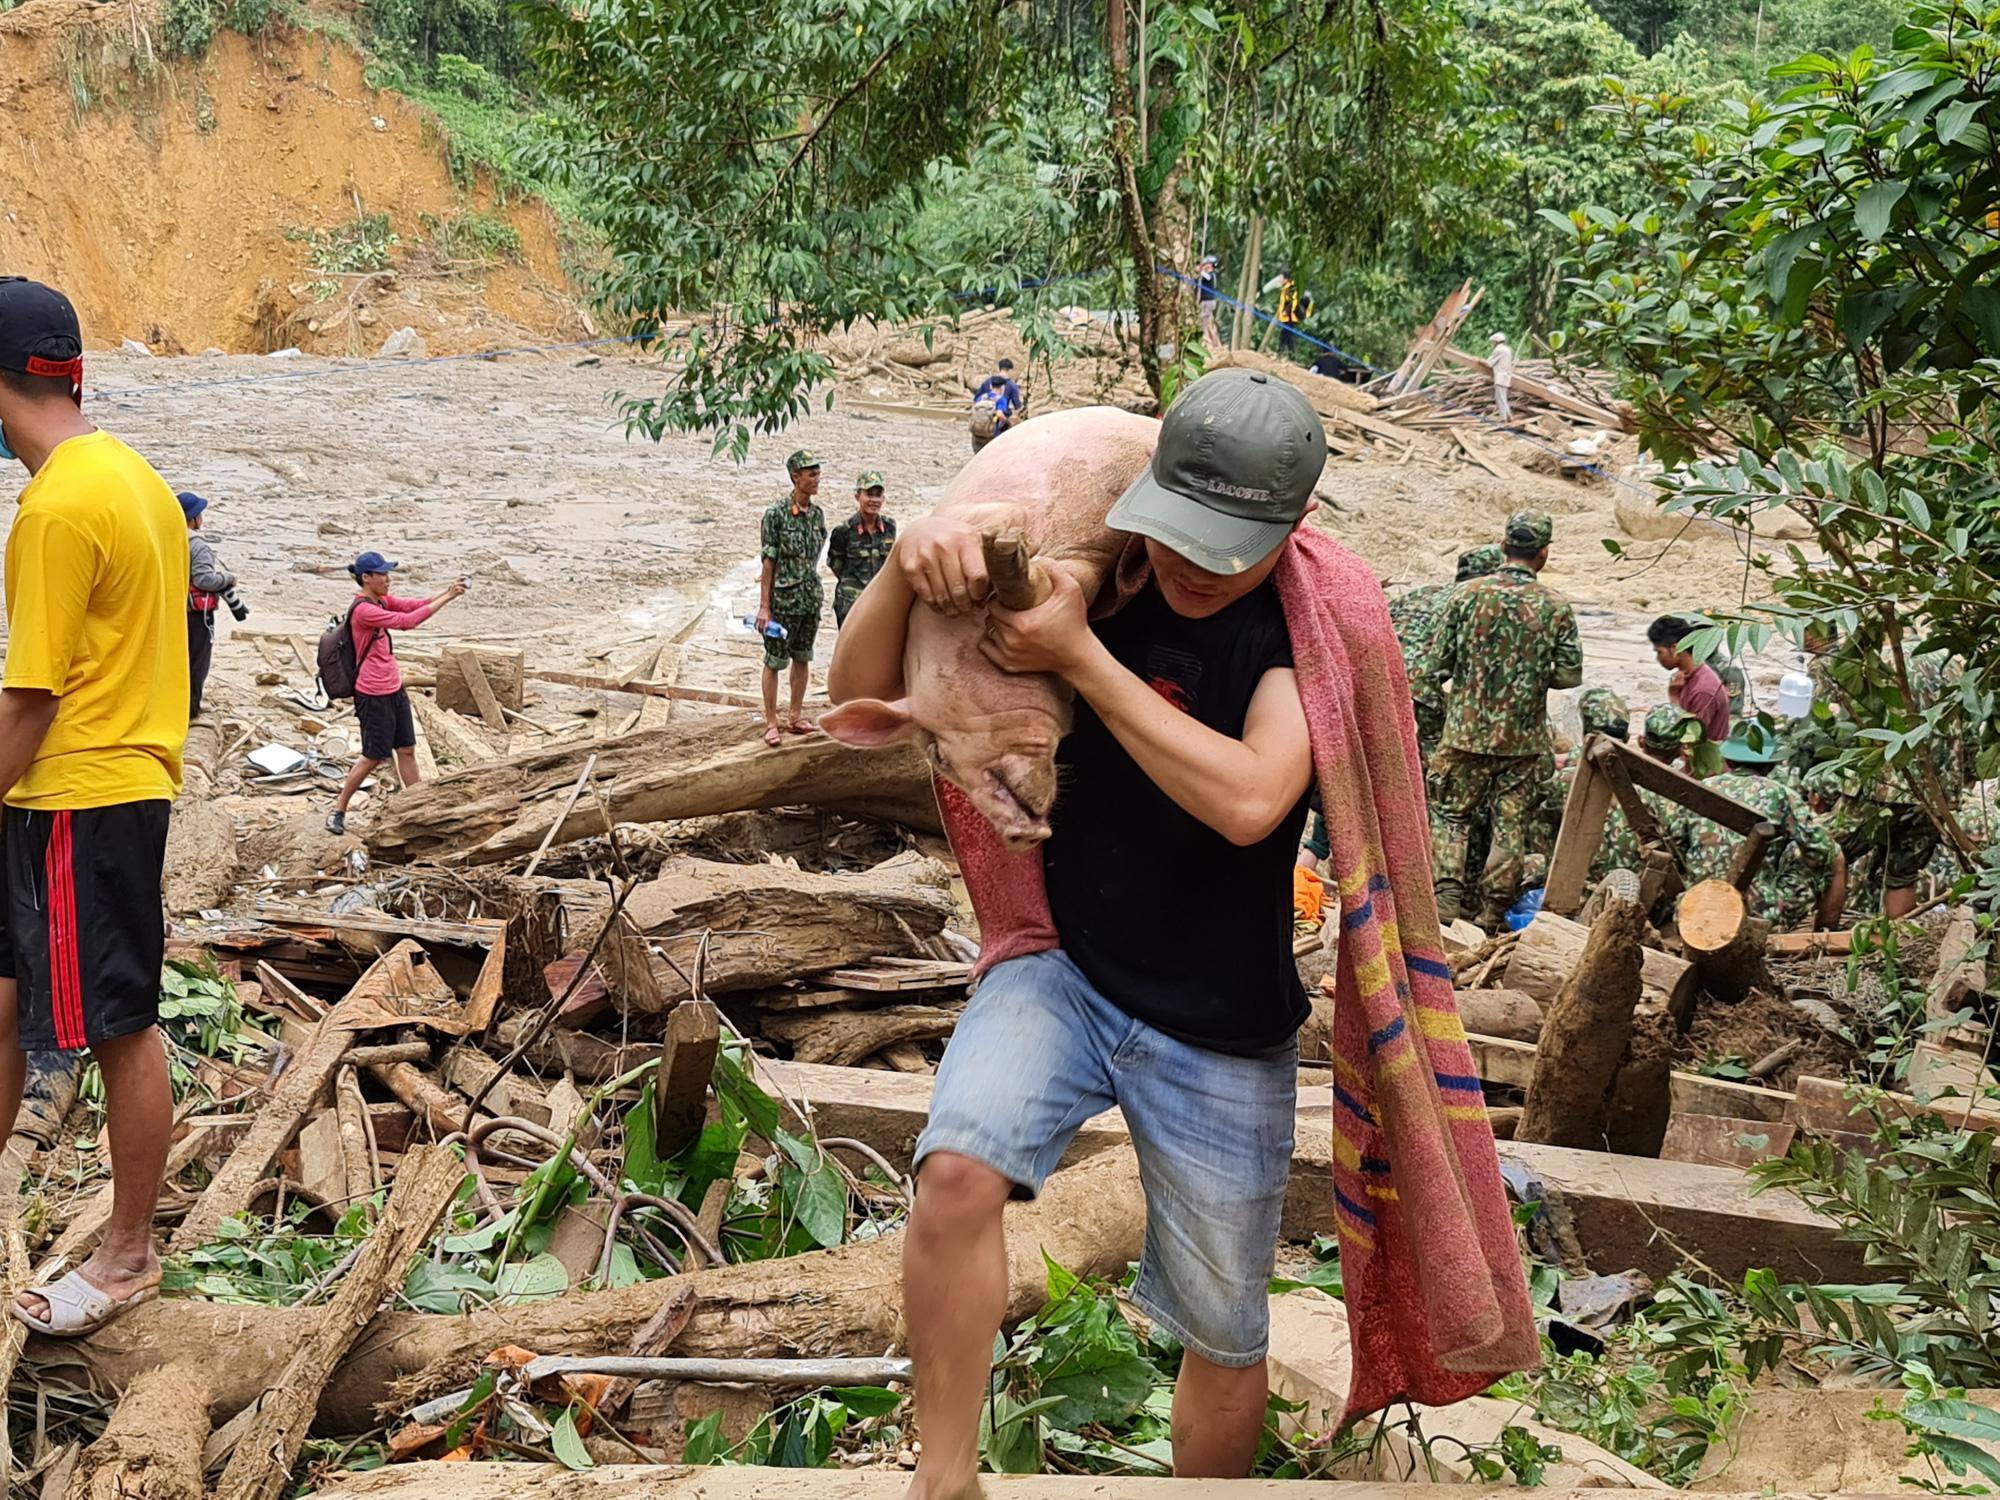 Ngân hàng Nhà nước Việt Nam - Hiến kế giúp người dân miền Trung - Tây Nguyên khắc phục sau bão, lũ - Ảnh 5.